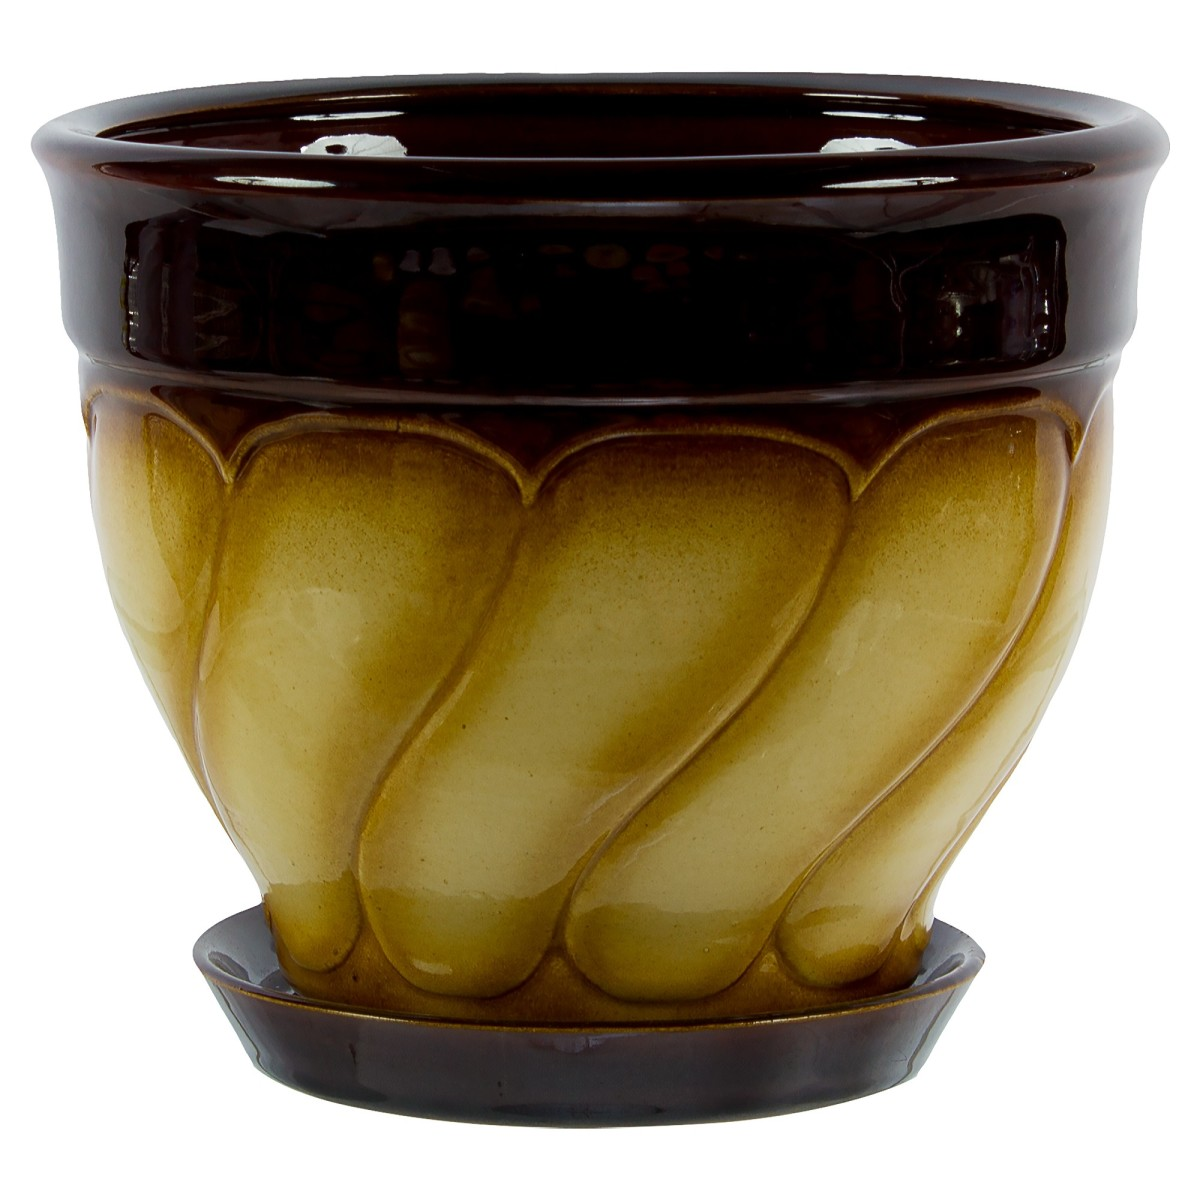 Горшок цветочный «Земфира» бежево-коричневый 4 л 200 мм керамика с поддоном